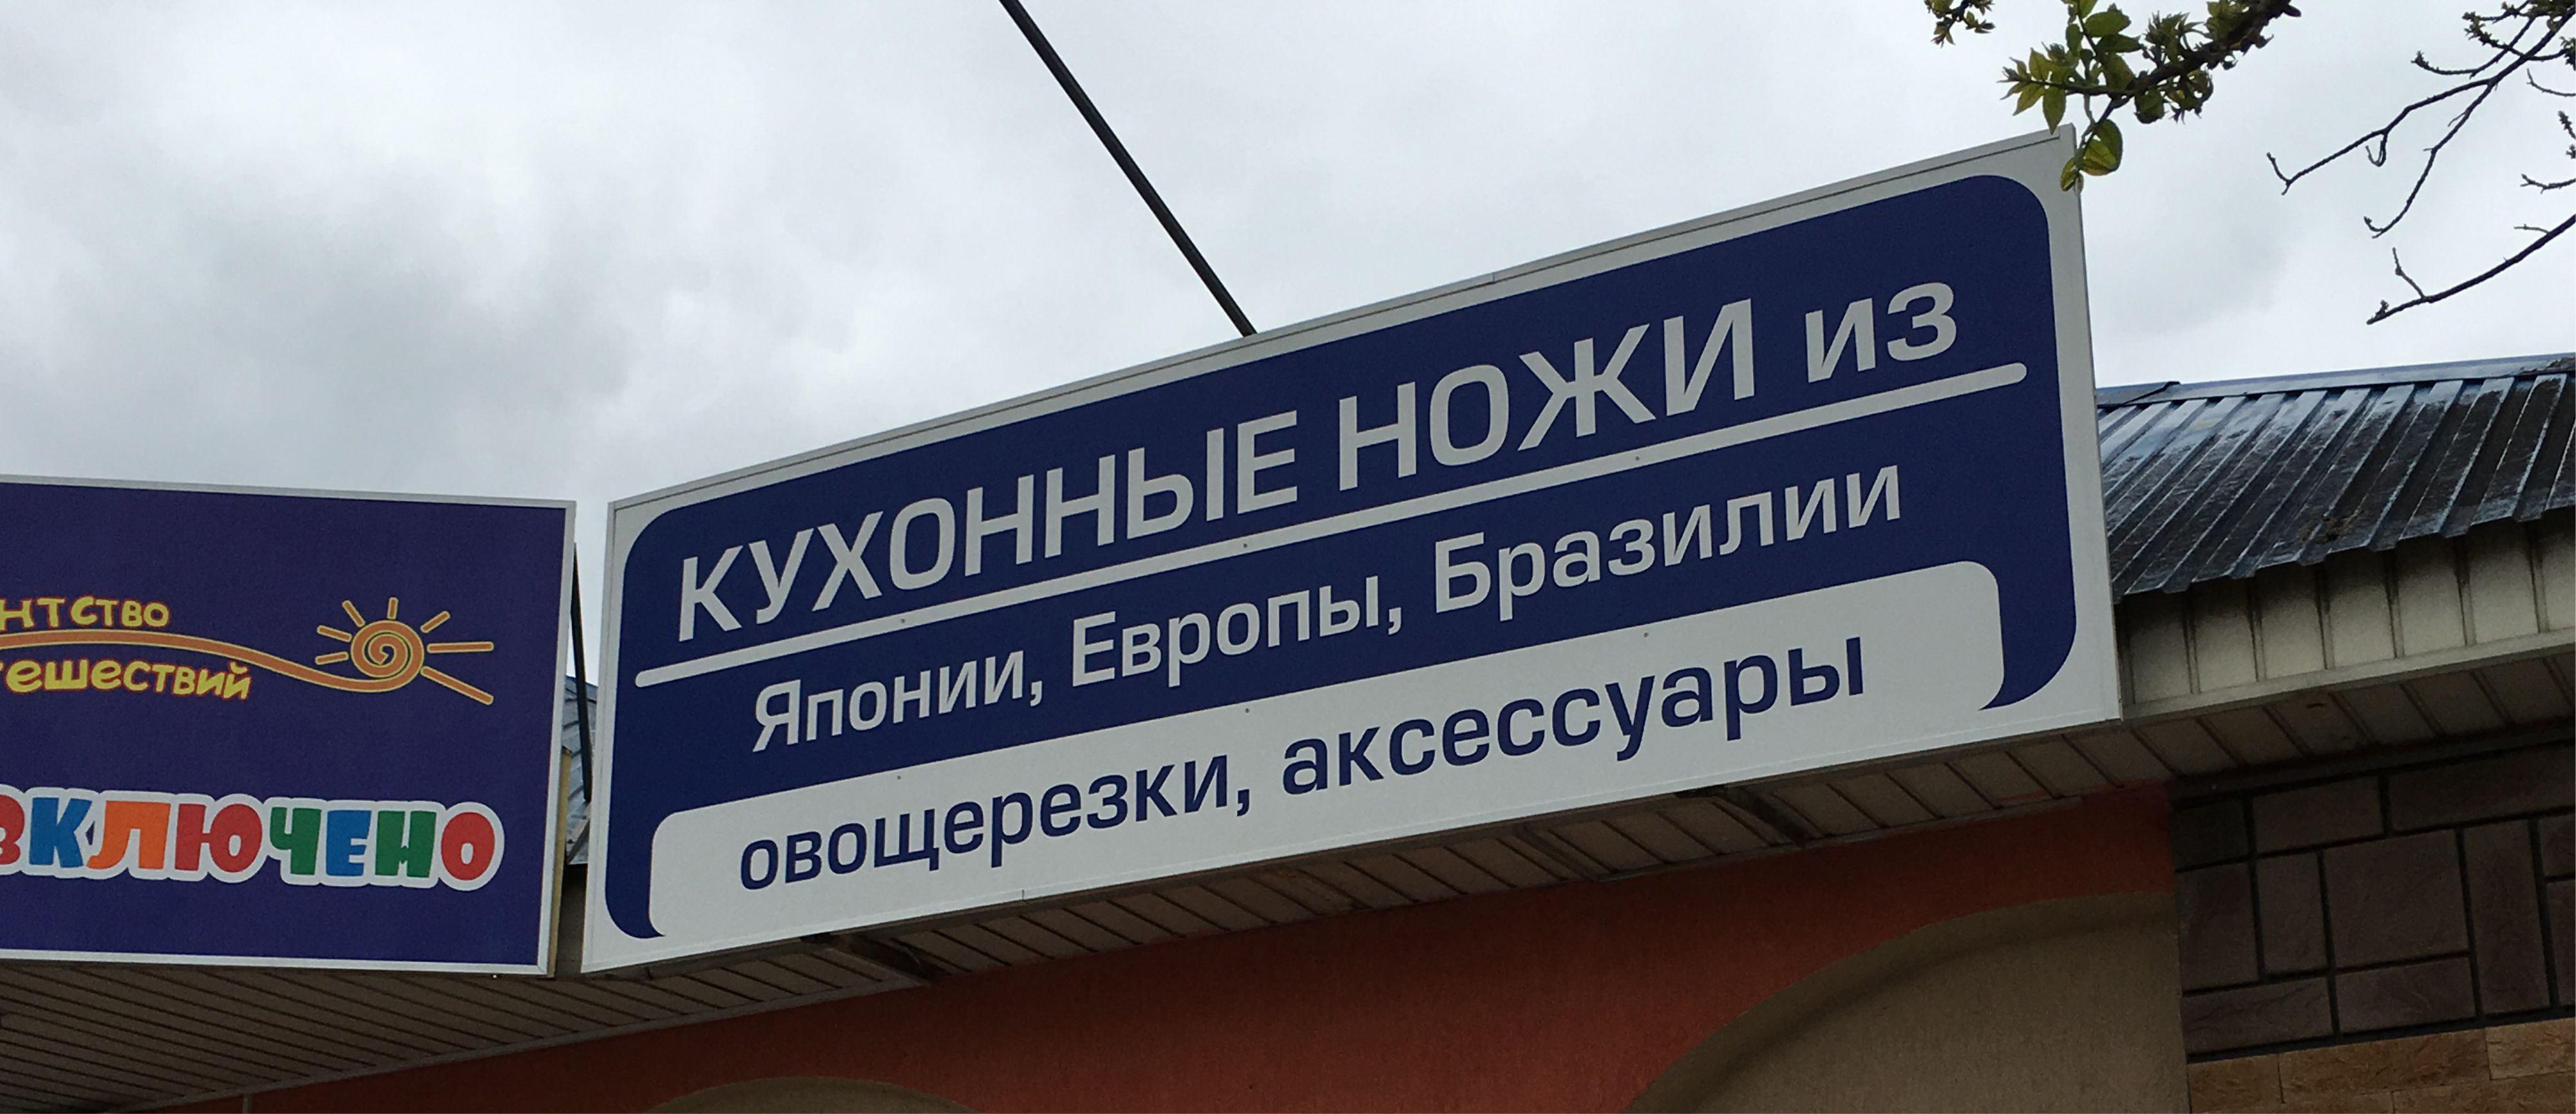 SHHitovaya-reklama.Podsvetka-prozhektorami-2-e1481637028167